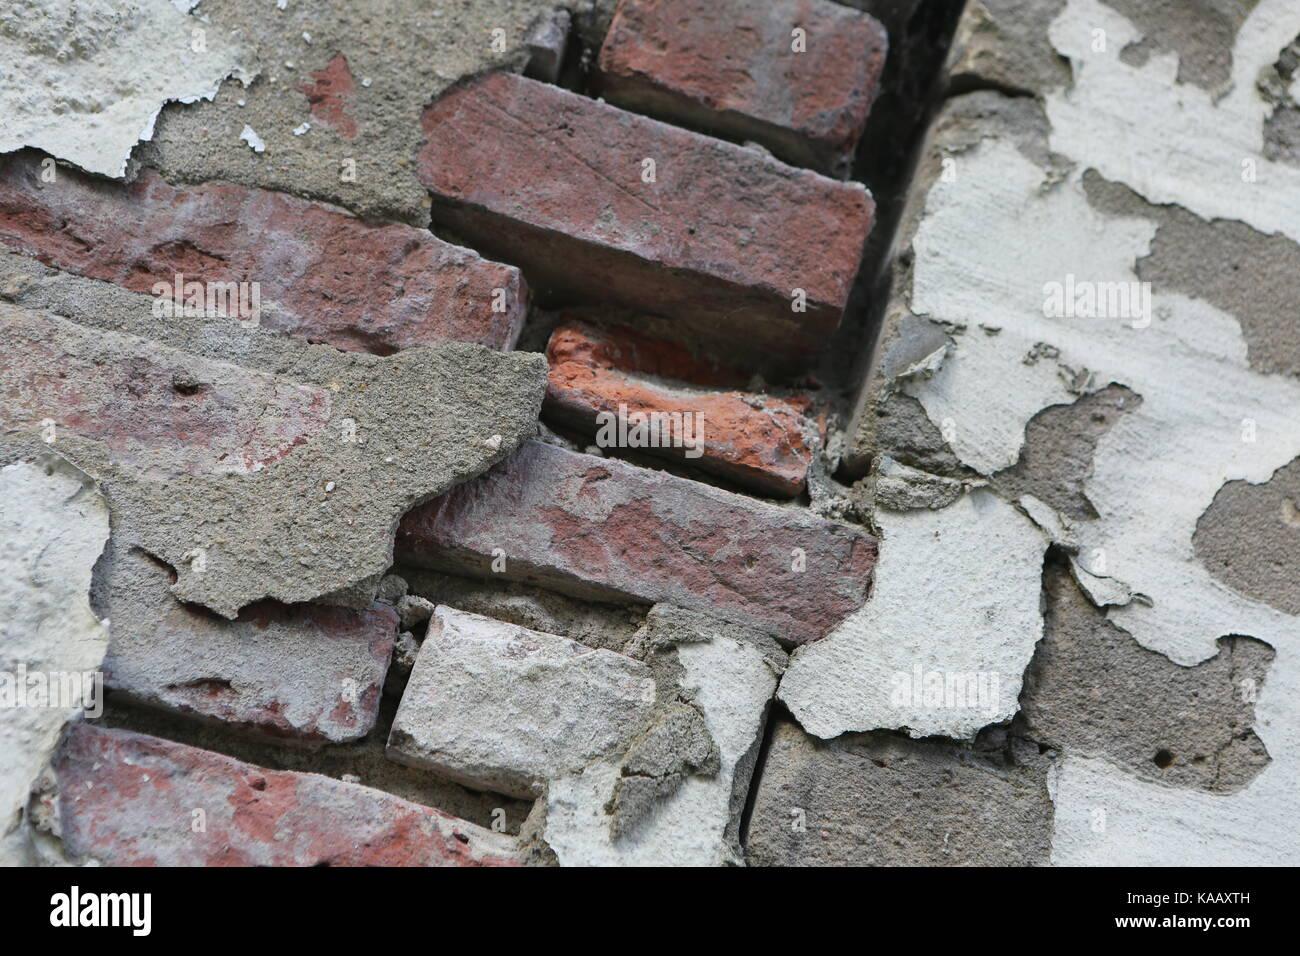 Masonry with exfoliated plaster - Mauerwerk mit abgeblättertem Putz - Stock Image